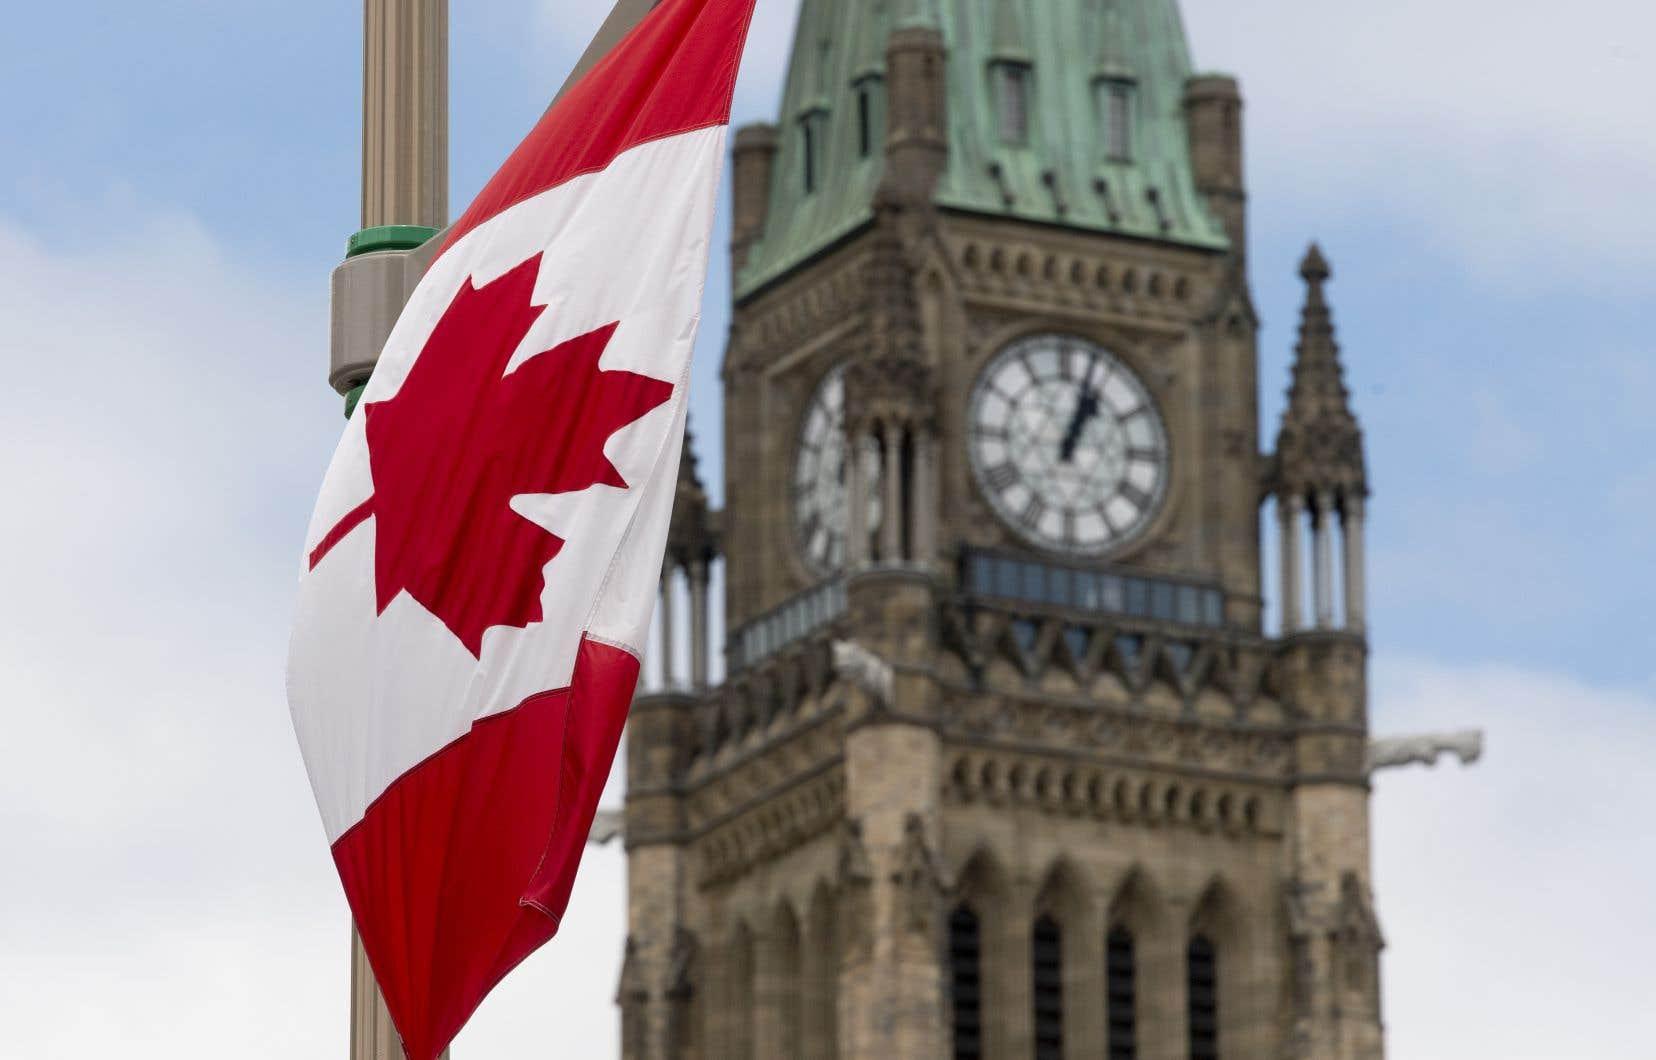 Ottawaa insisté sur le fait que le Canada avait un devoir et une obligation morale de rapatrier ces gens qui ont risqué leur vie pour soutenir les diverses missions canadiennes en Afghanistan.